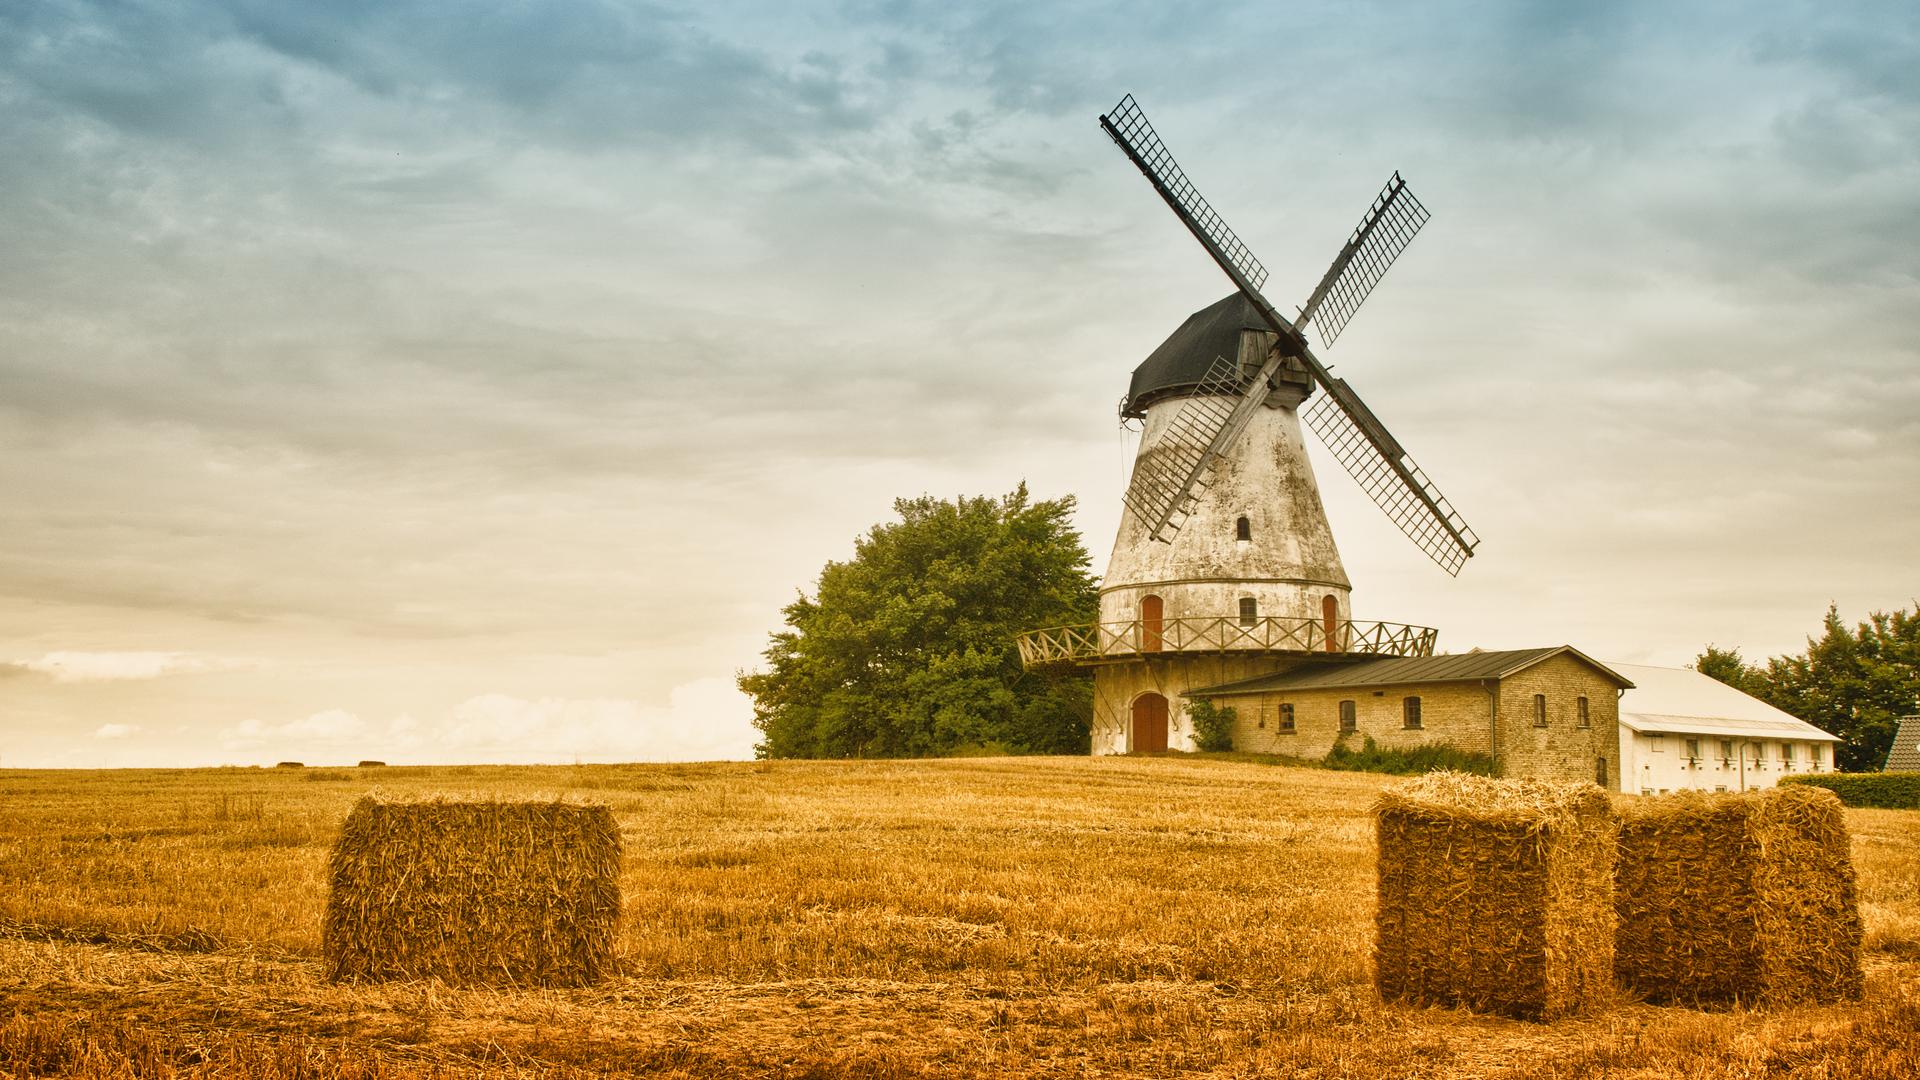 Windmill clipart holland windmill Dutch  Windmill Clipart Windmill